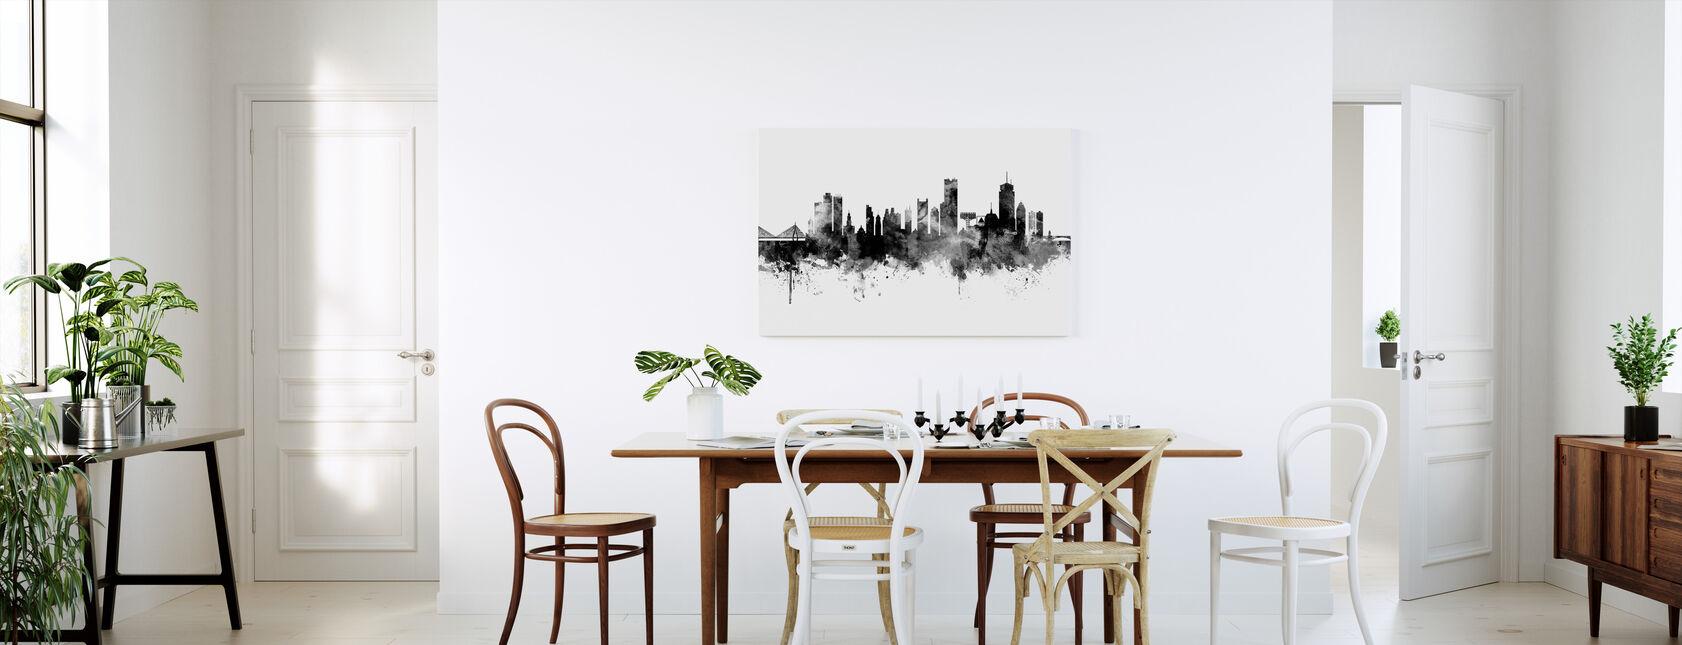 Boston Massachusetts Skyline, black and white - Canvas print - Kitchen